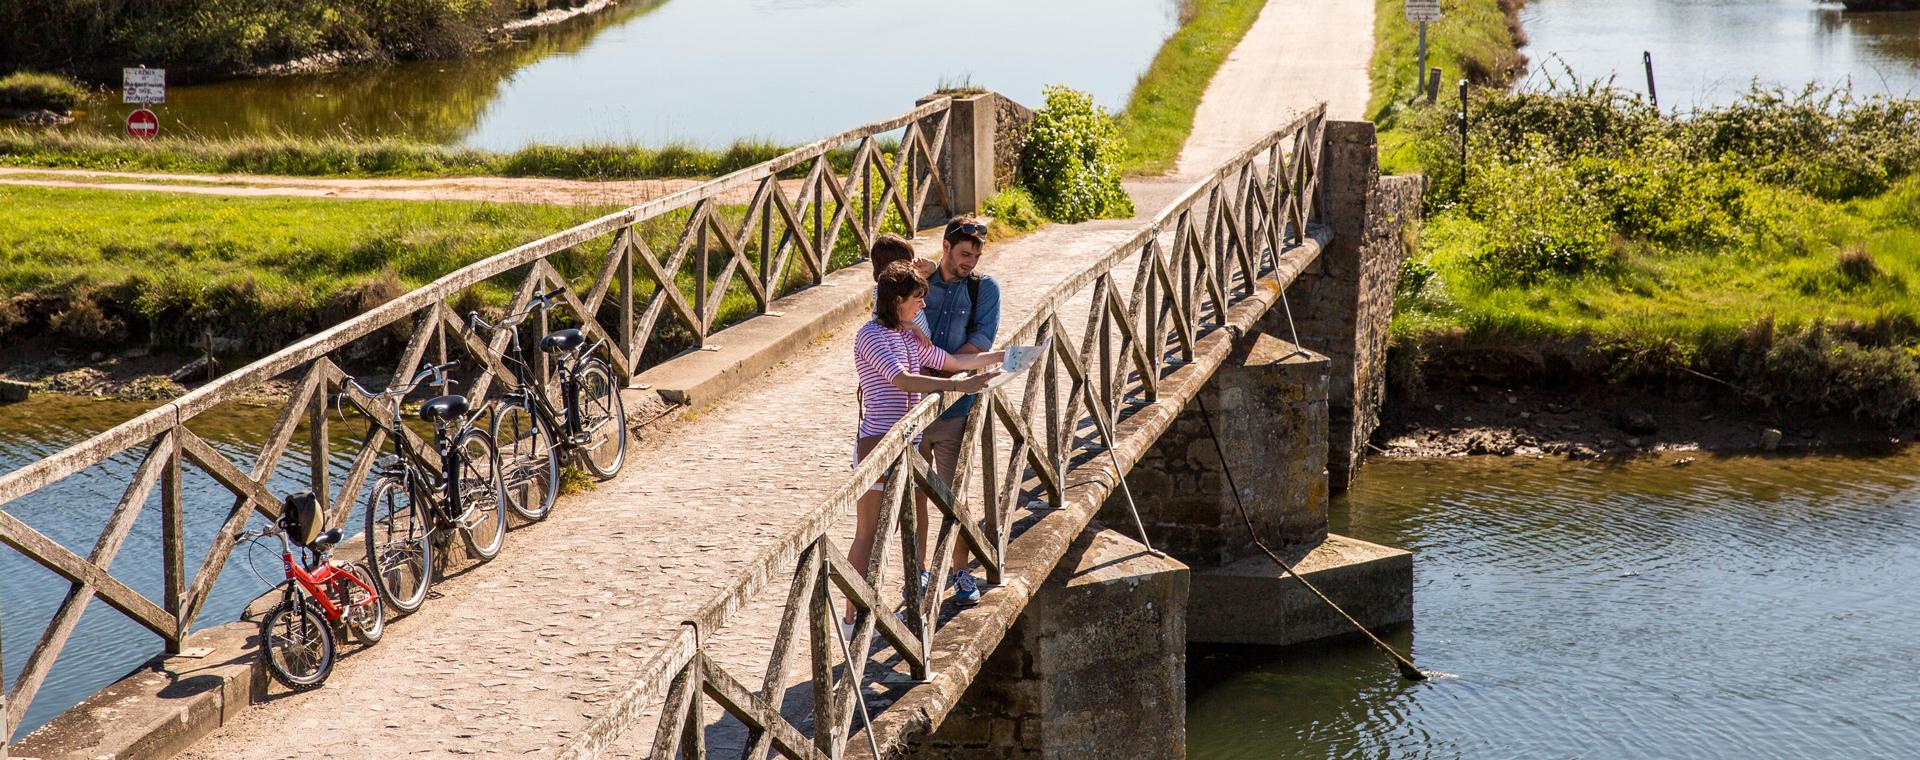 Image La Vélodyssée, de Saint-Brévin-les-Pins à La Rochelle